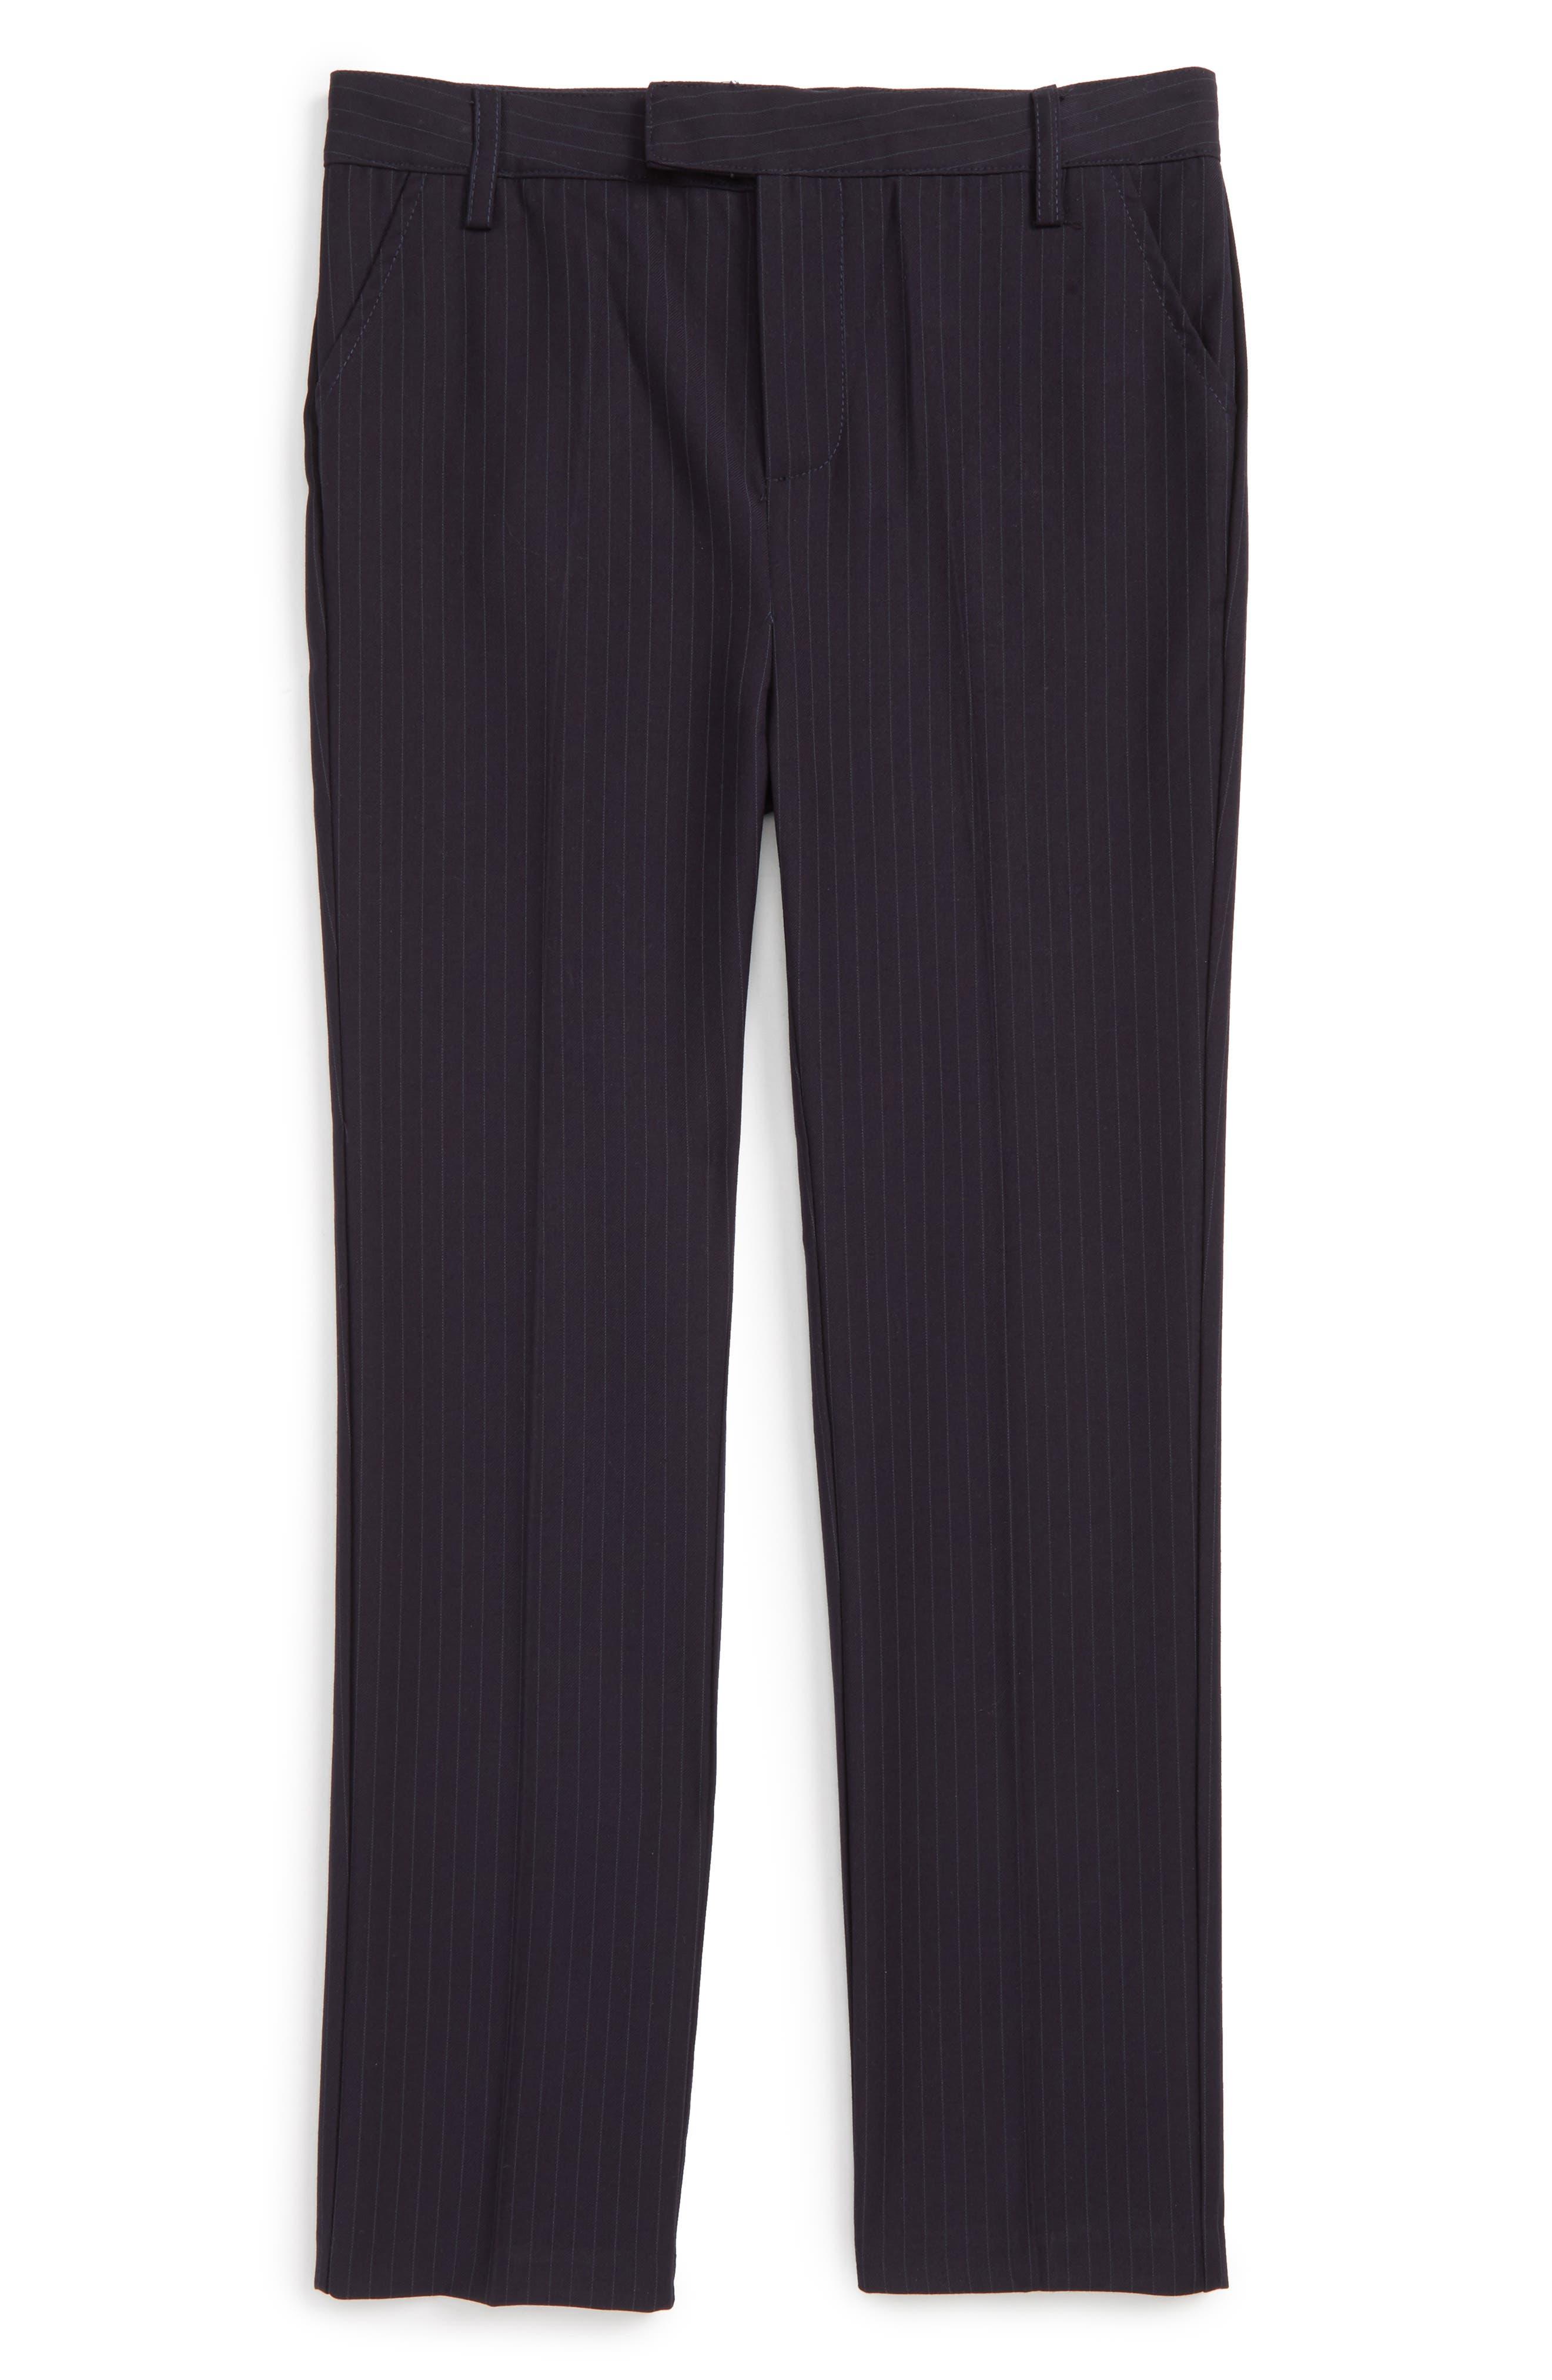 Harry Suit Pants,                         Main,                         color, Navy Pinstripe